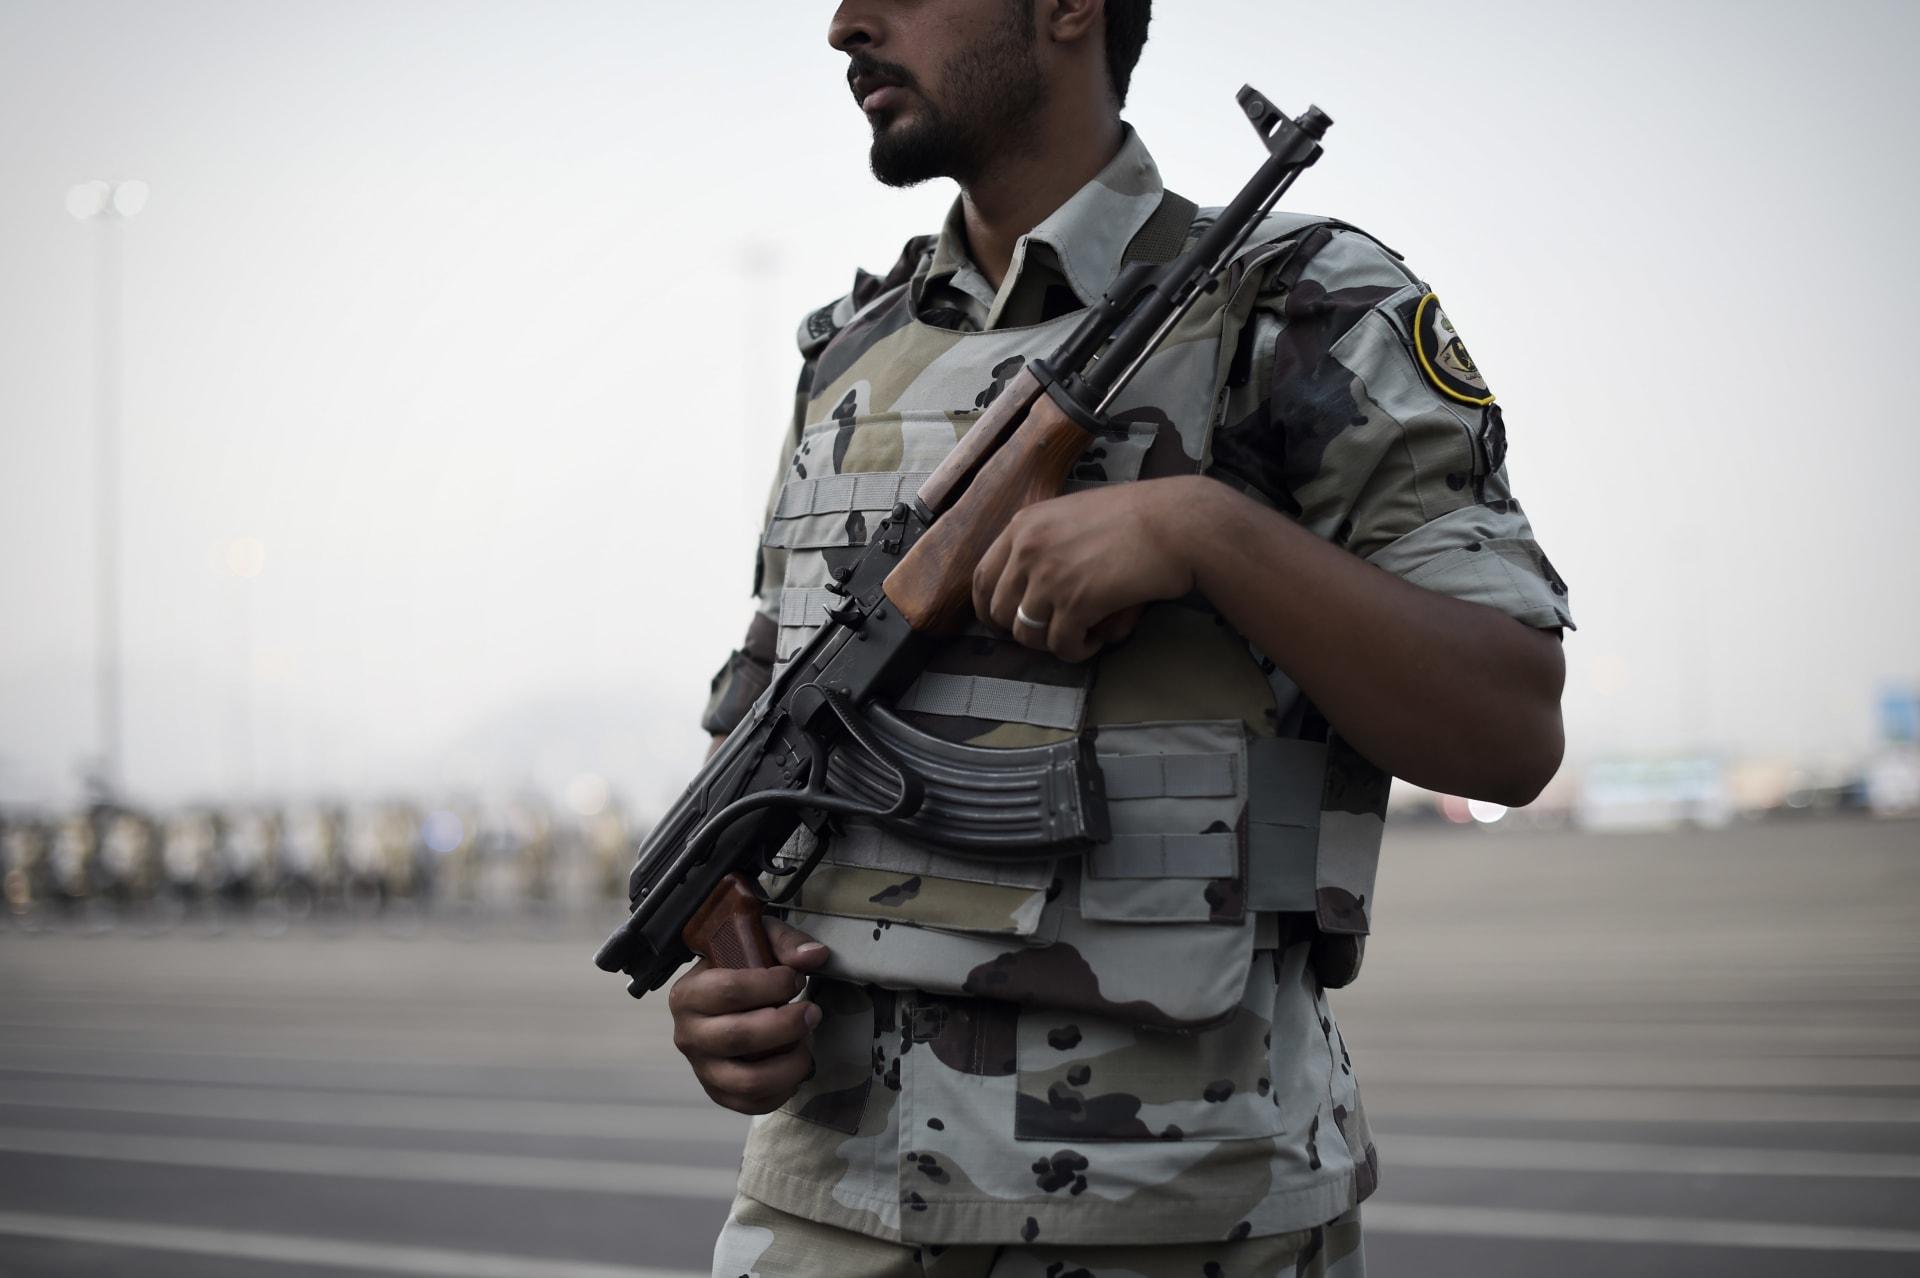 """إعدام أمير سعودي بعد أمر ملكي عقابا على جريمة قتل.. ومغردون يدشنون وسم: """"سلمان الحزم يأمر بقصاص الأمير"""""""